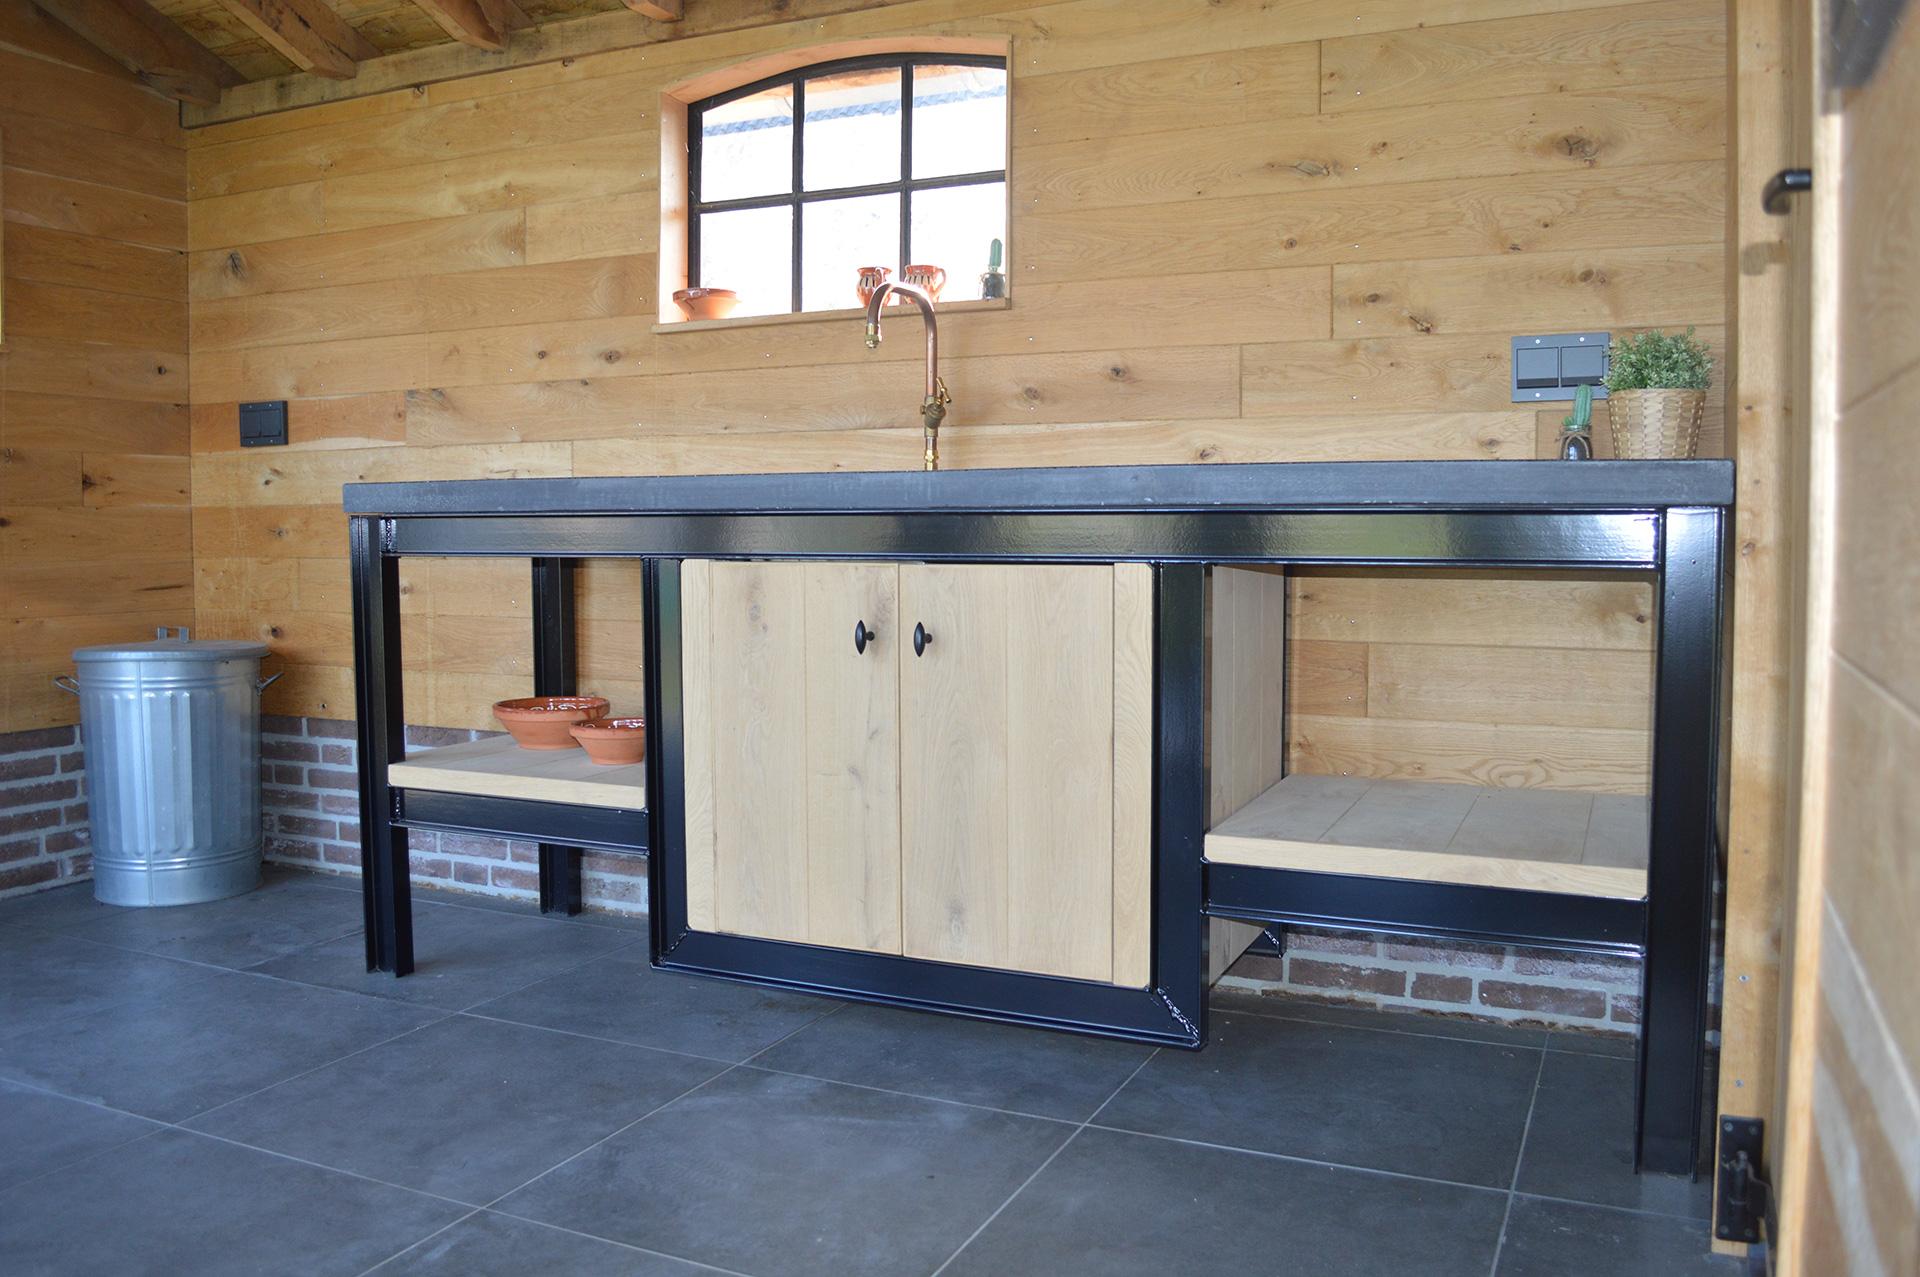 Wasbak Keuken : Buitenkeuken met tegel wasbak - Keuken voor buiten